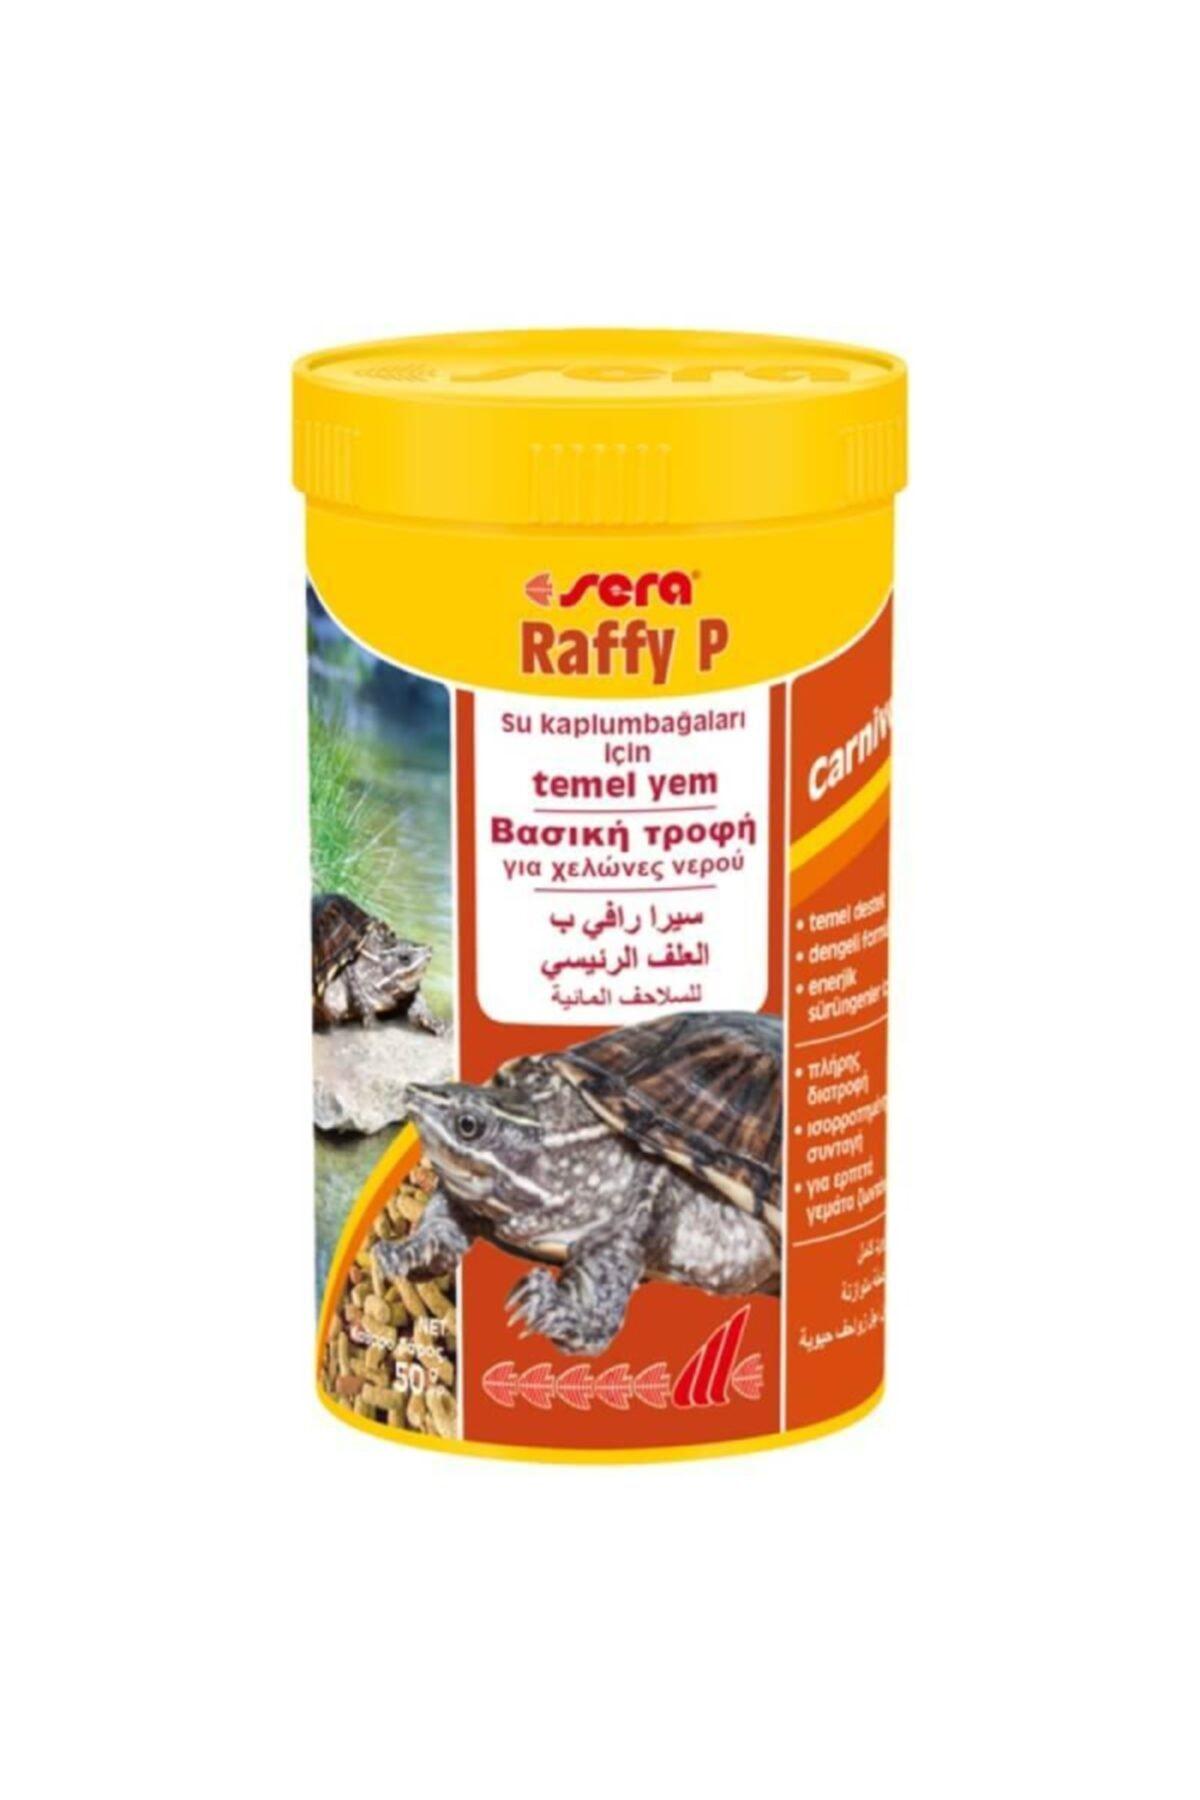 SERA Raffy P Kaplumbağa Yemi 250ml 50gr 1